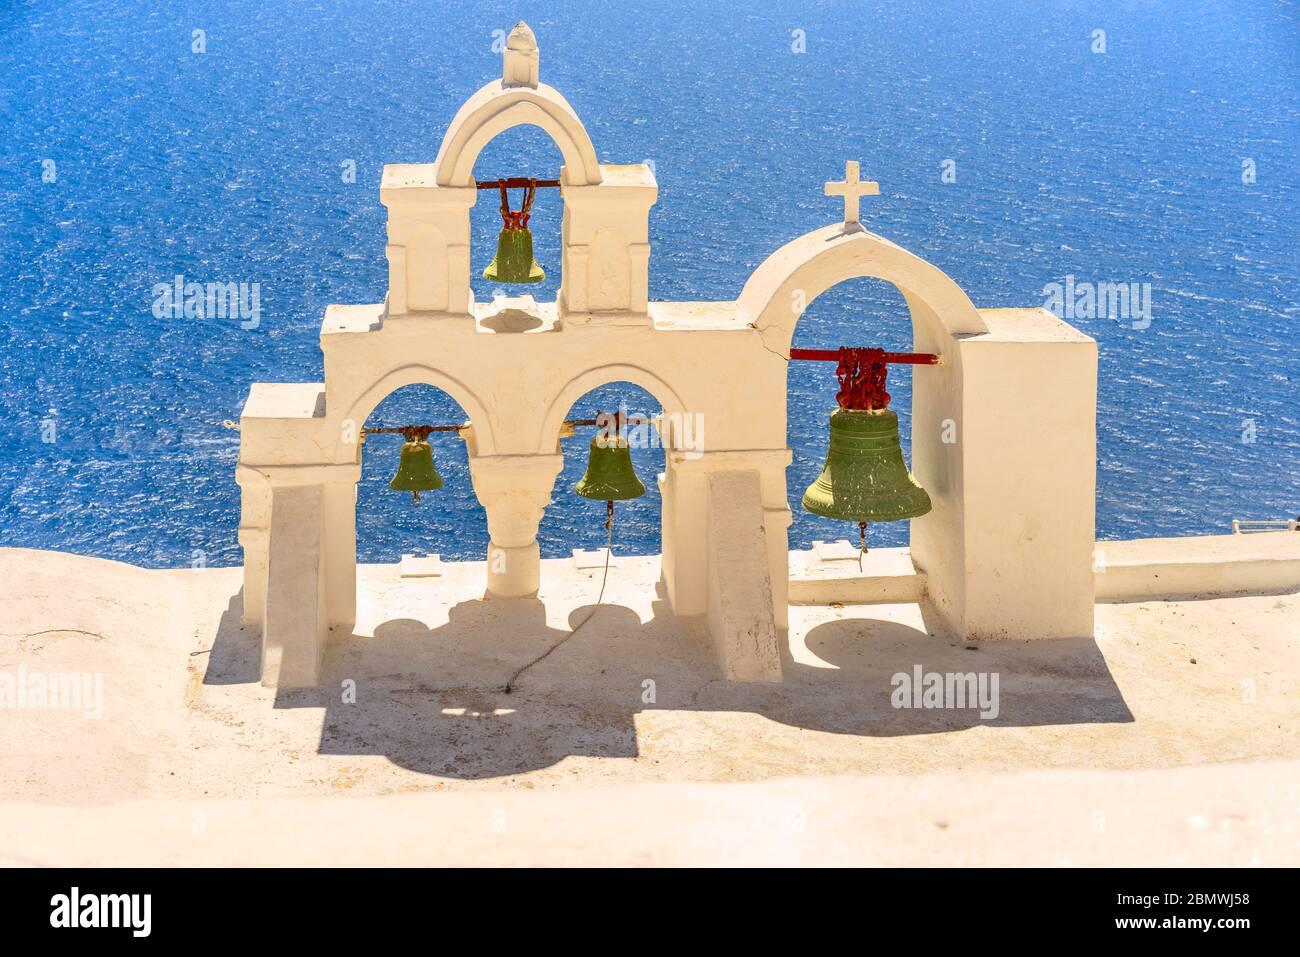 Un clocher typique dans le village d'Oia sur l'île grecque de Santorin Banque D'Images